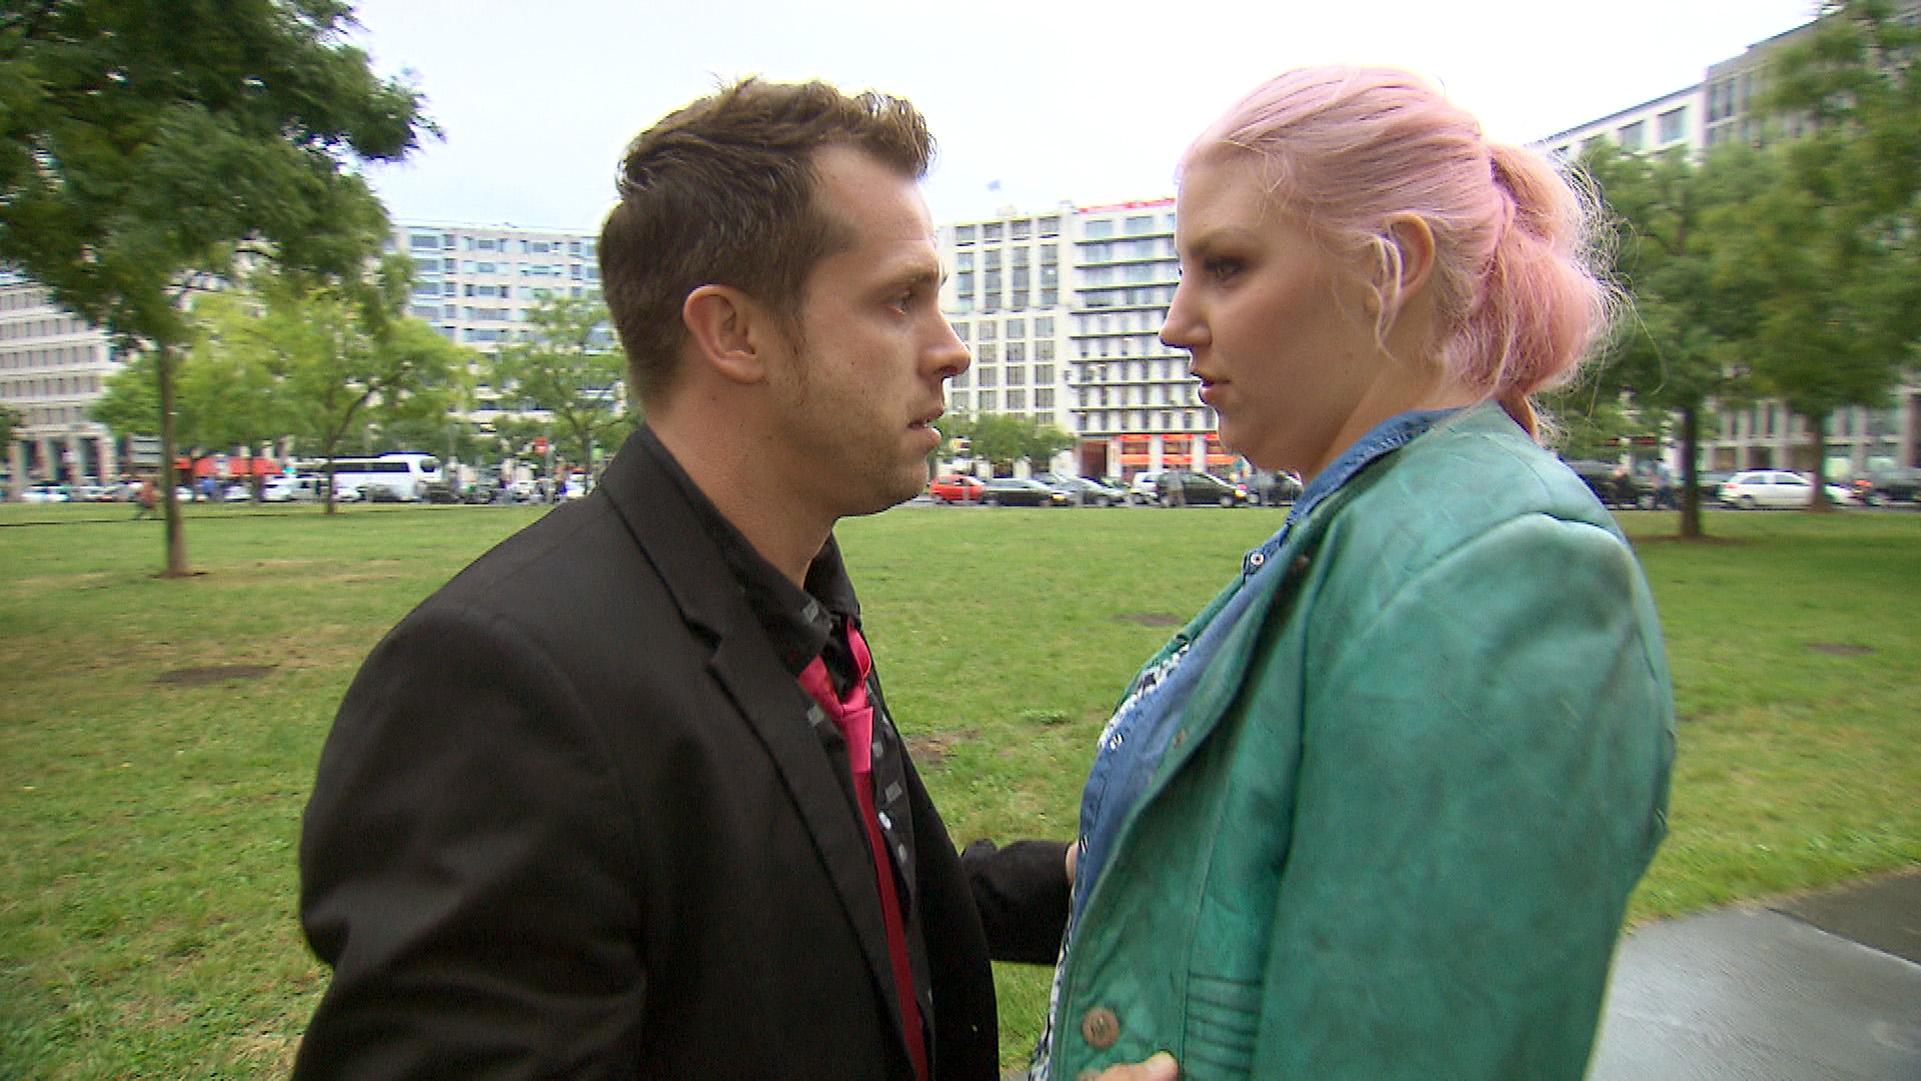 Nach dem gestrigen Eklat will Basti mit Paula reden und sich mit ihr versöhnen. Doch die erteilt ihm eine harsche Abfuhr.. (Quelle: RTL 2)